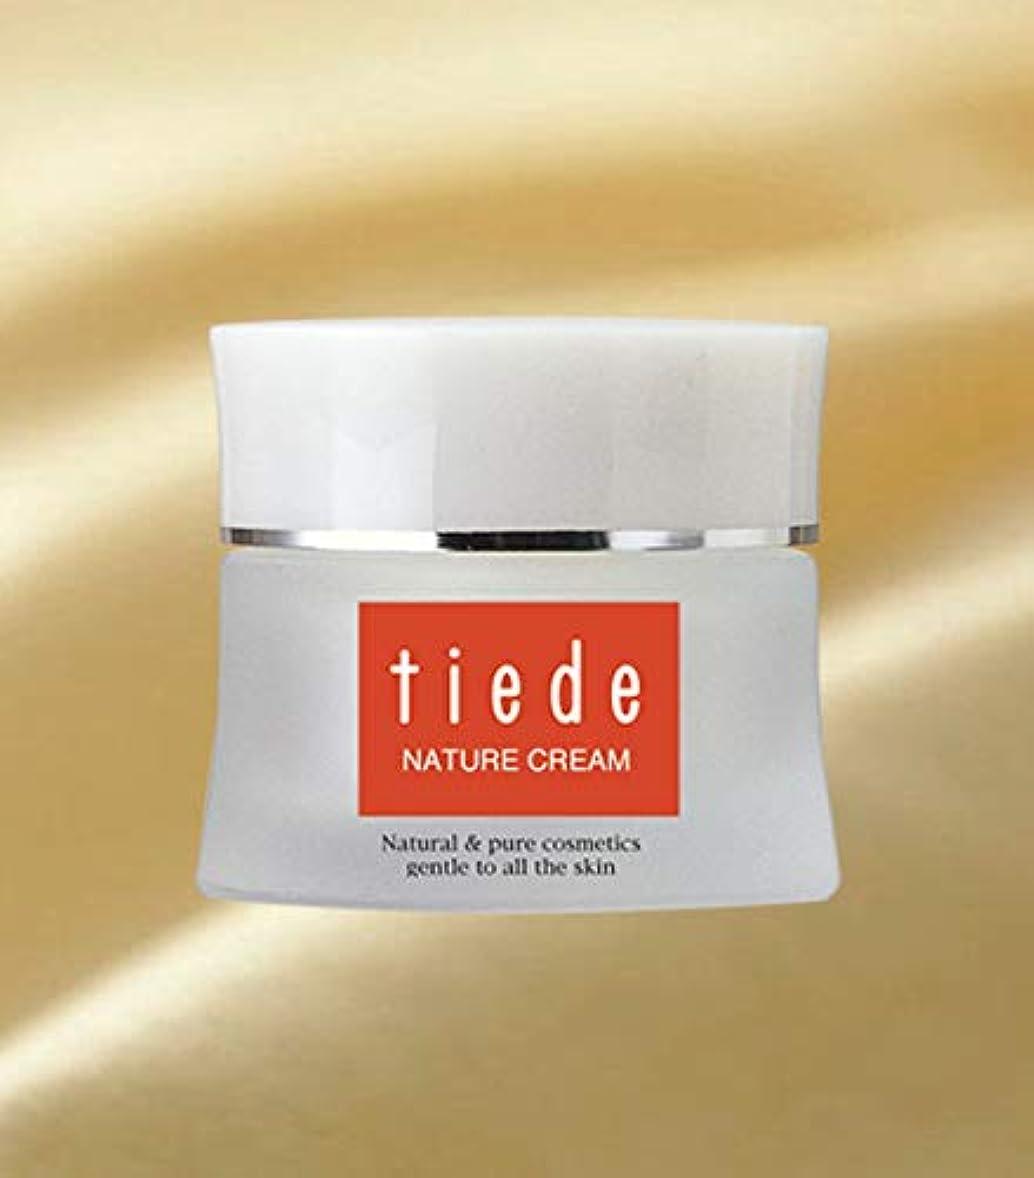 混合ミットホステスティエード ナテュール クリーム(40g) Tiede Natural Cream